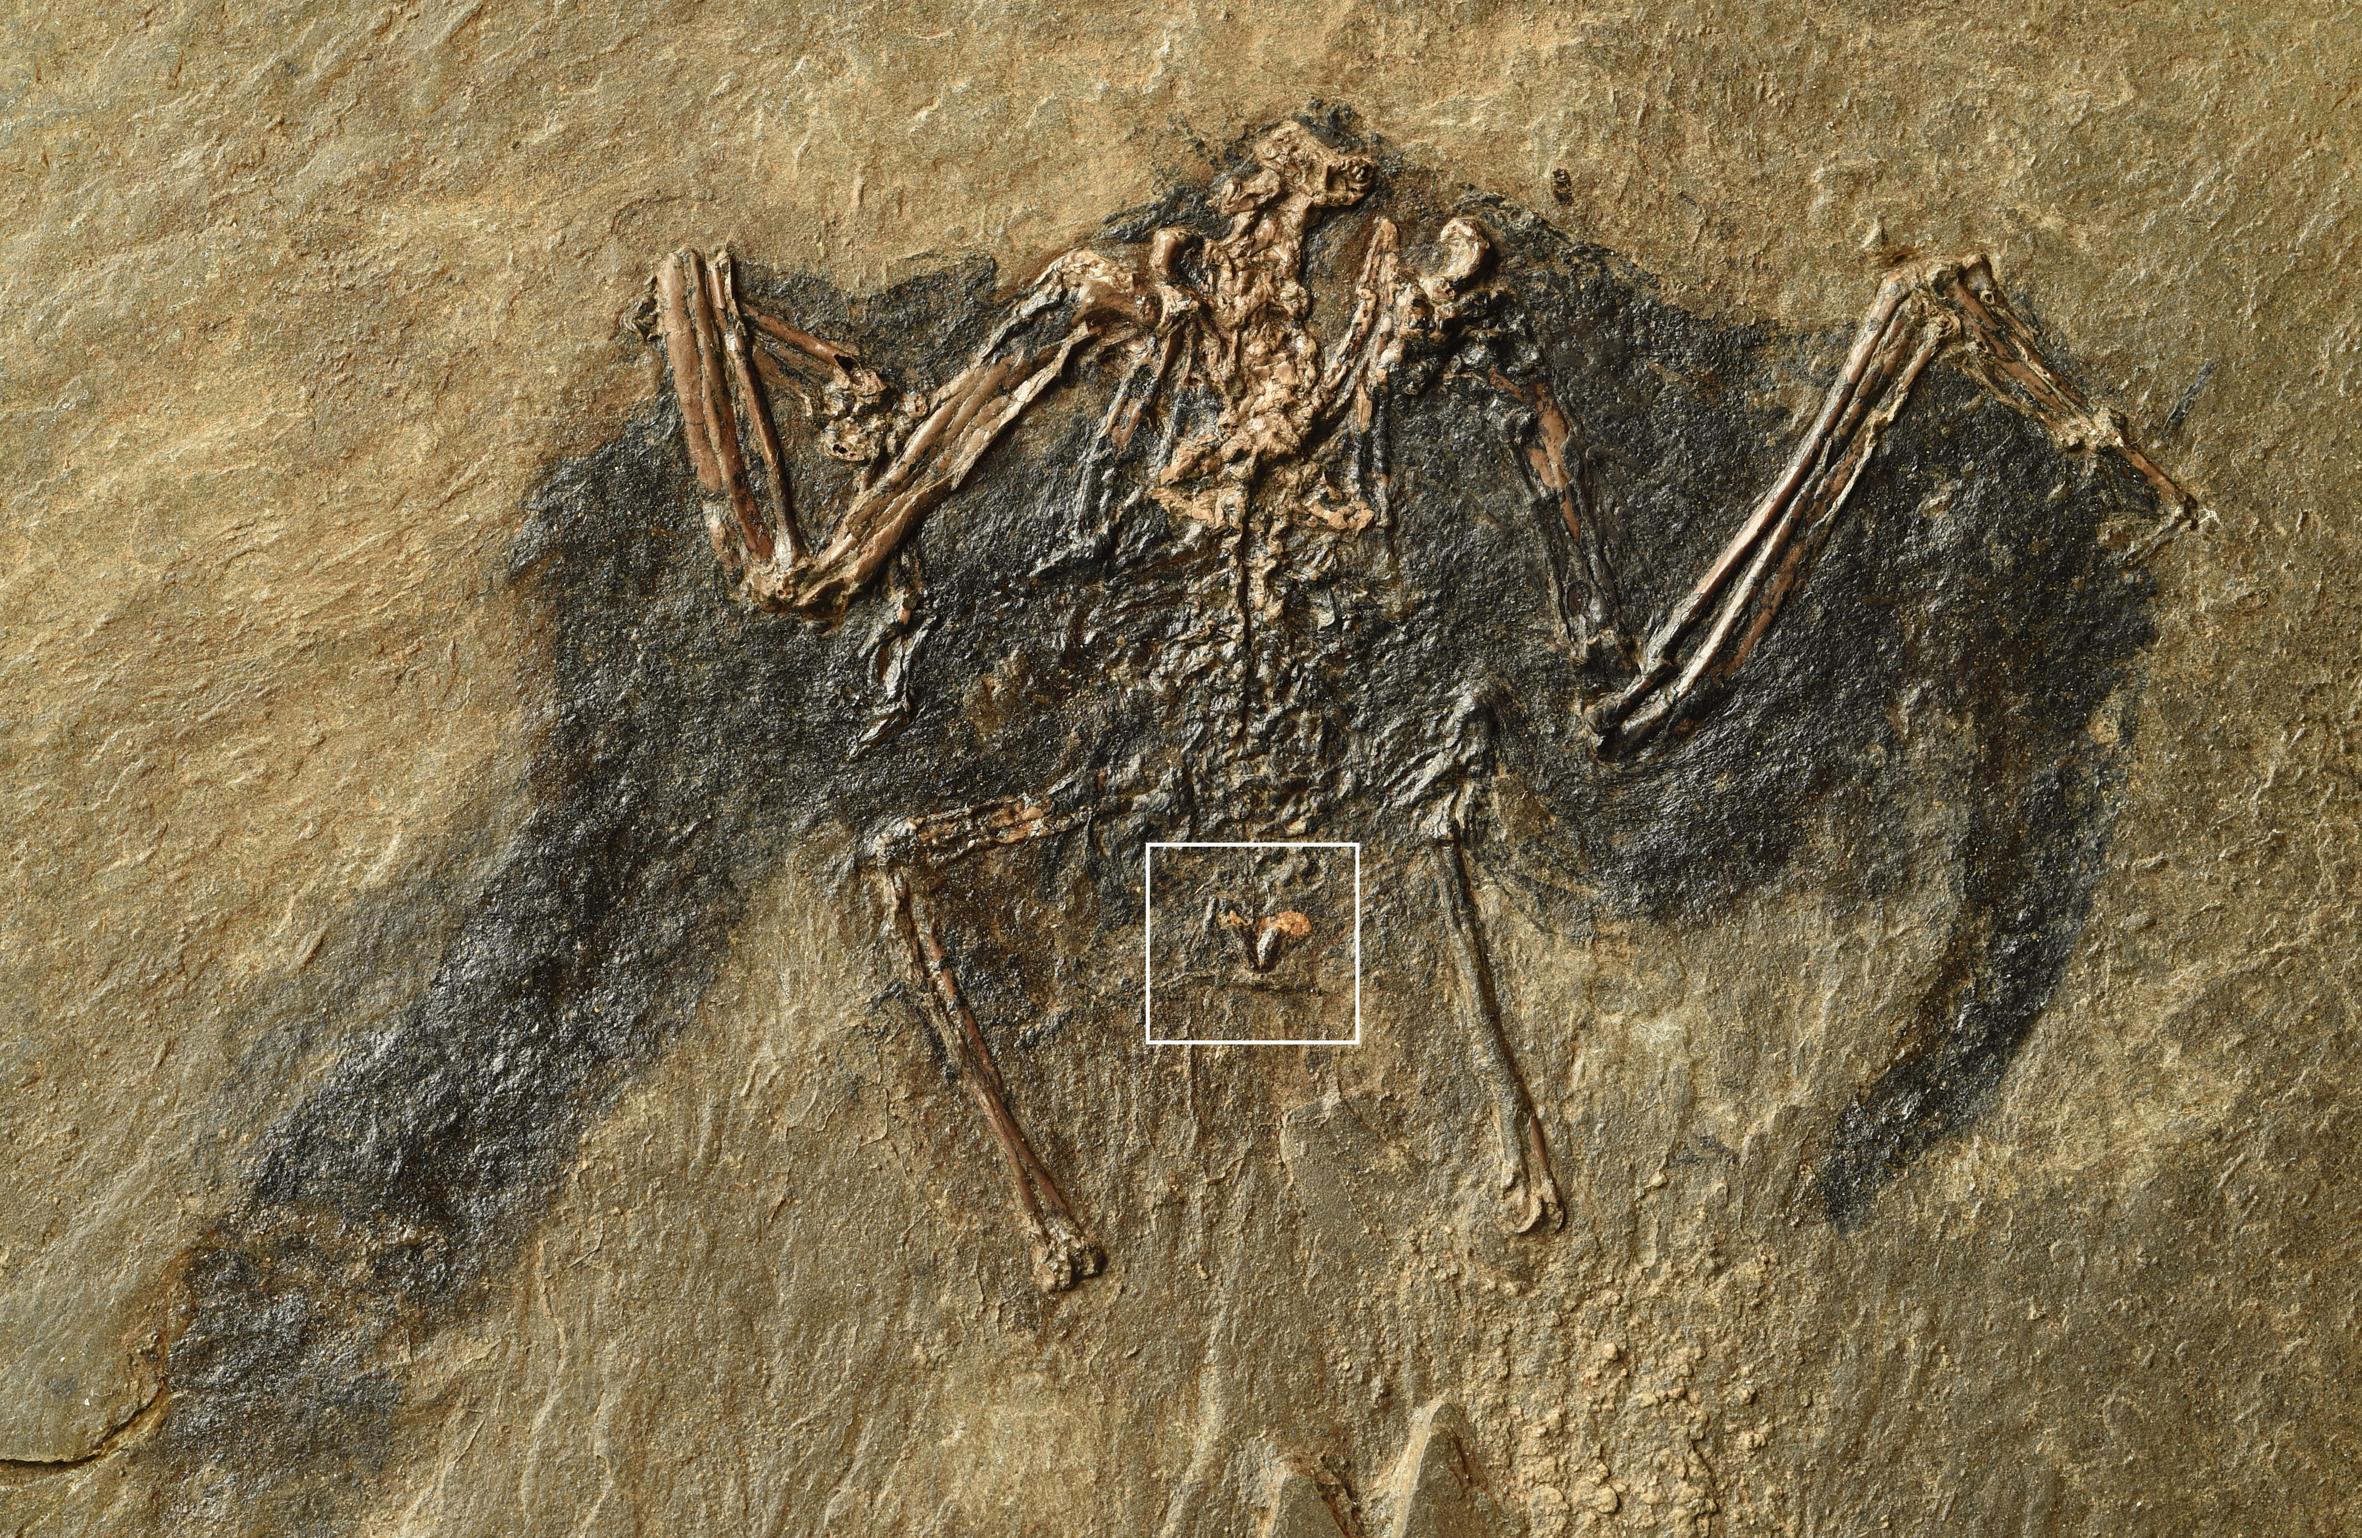 Окаменелости древней птицы. Отмечена область, вкоторой найдены древнейшие из известных липидов.